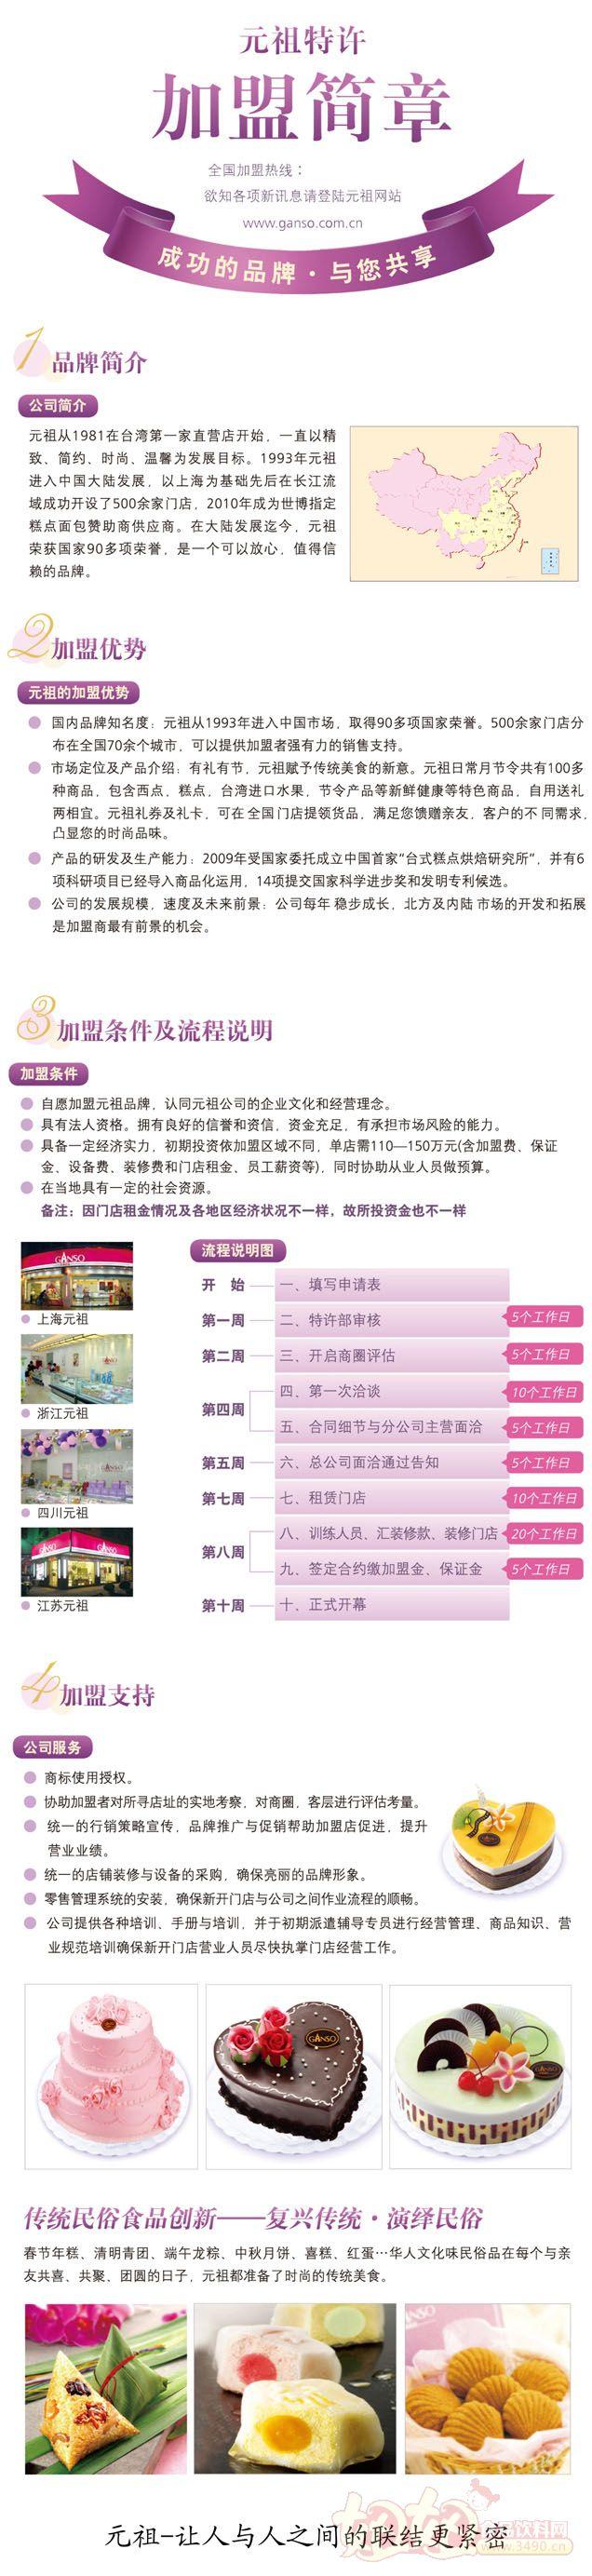 上海元祖食品有限公司招商加盟